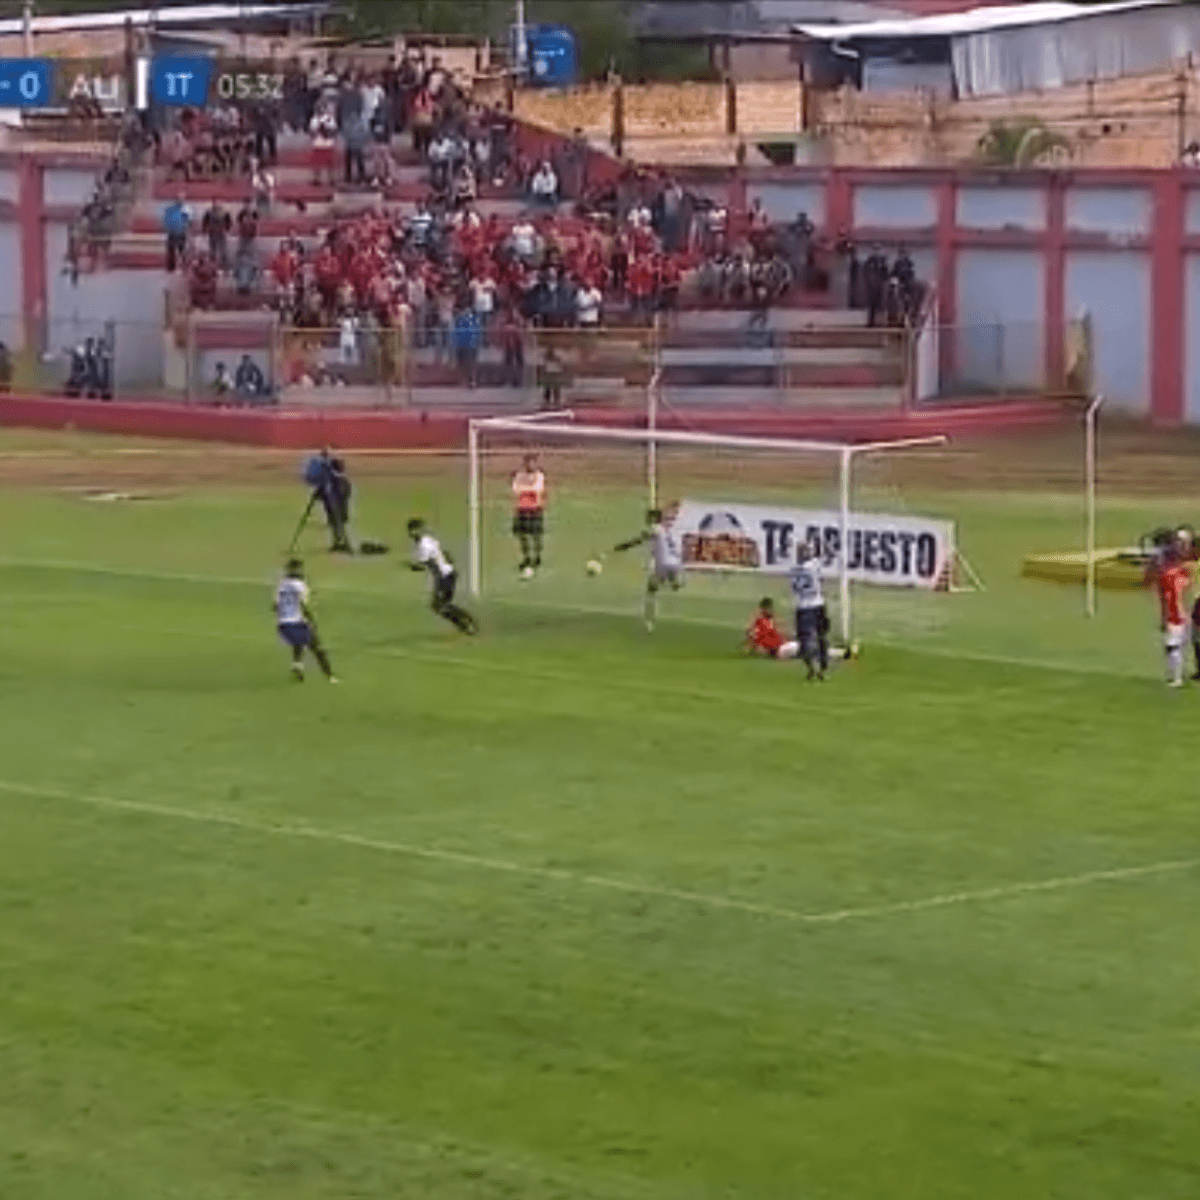 Con Esto Campeona Carlos Beltran Metio El Primer Gol Para